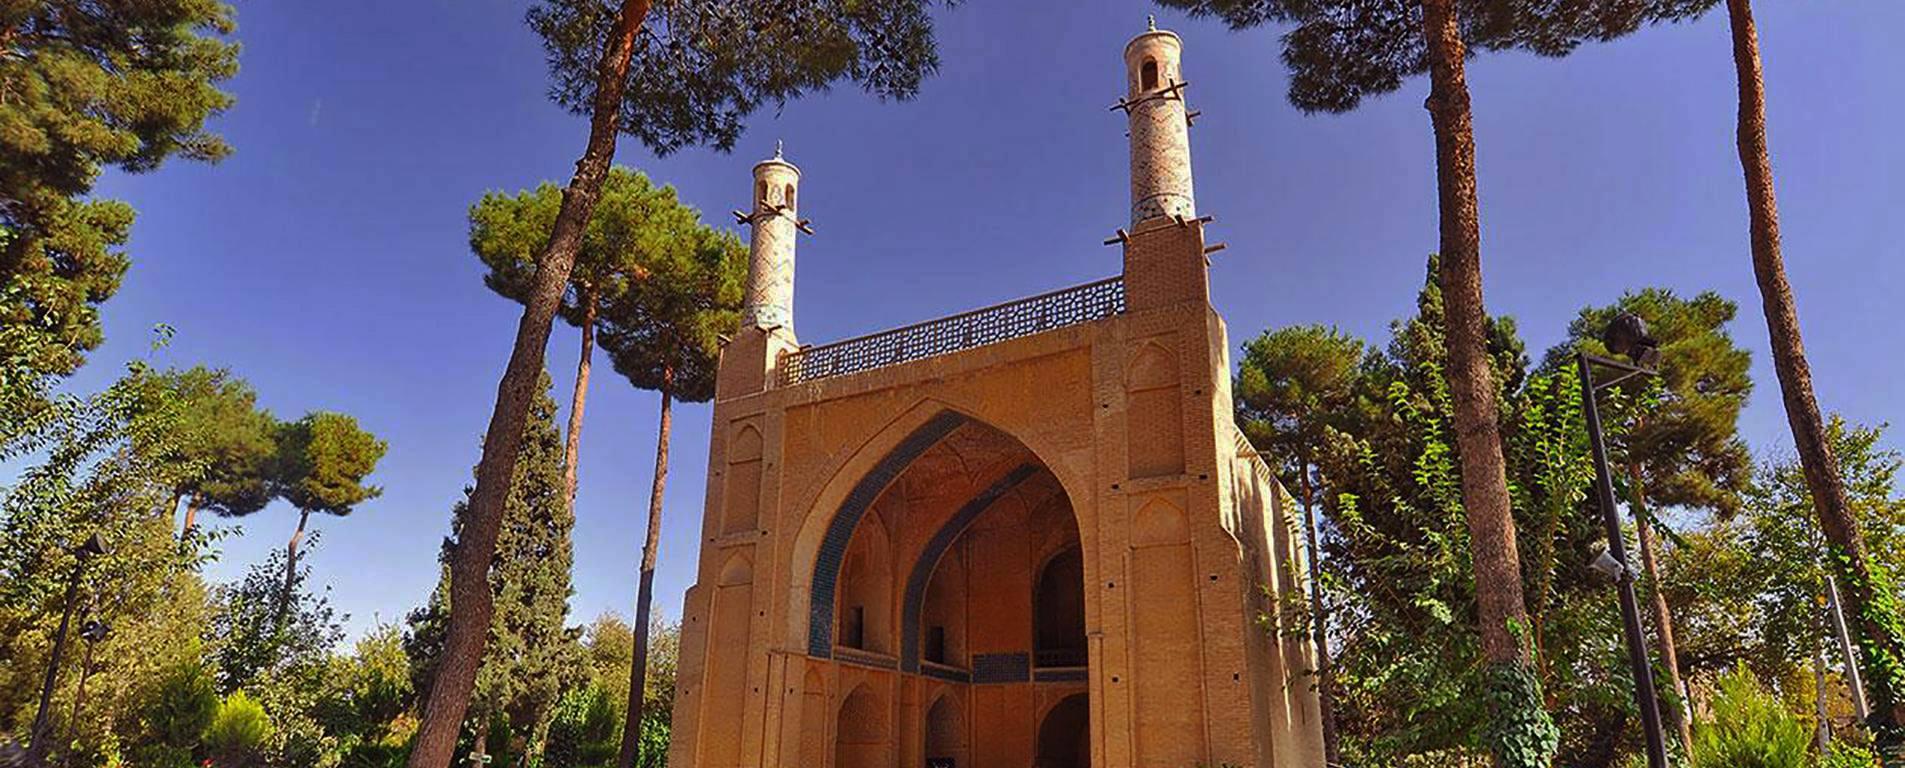 منارجنبان اصفهان ، نمادی از قدرت و نبوغ در معماری ایرانی